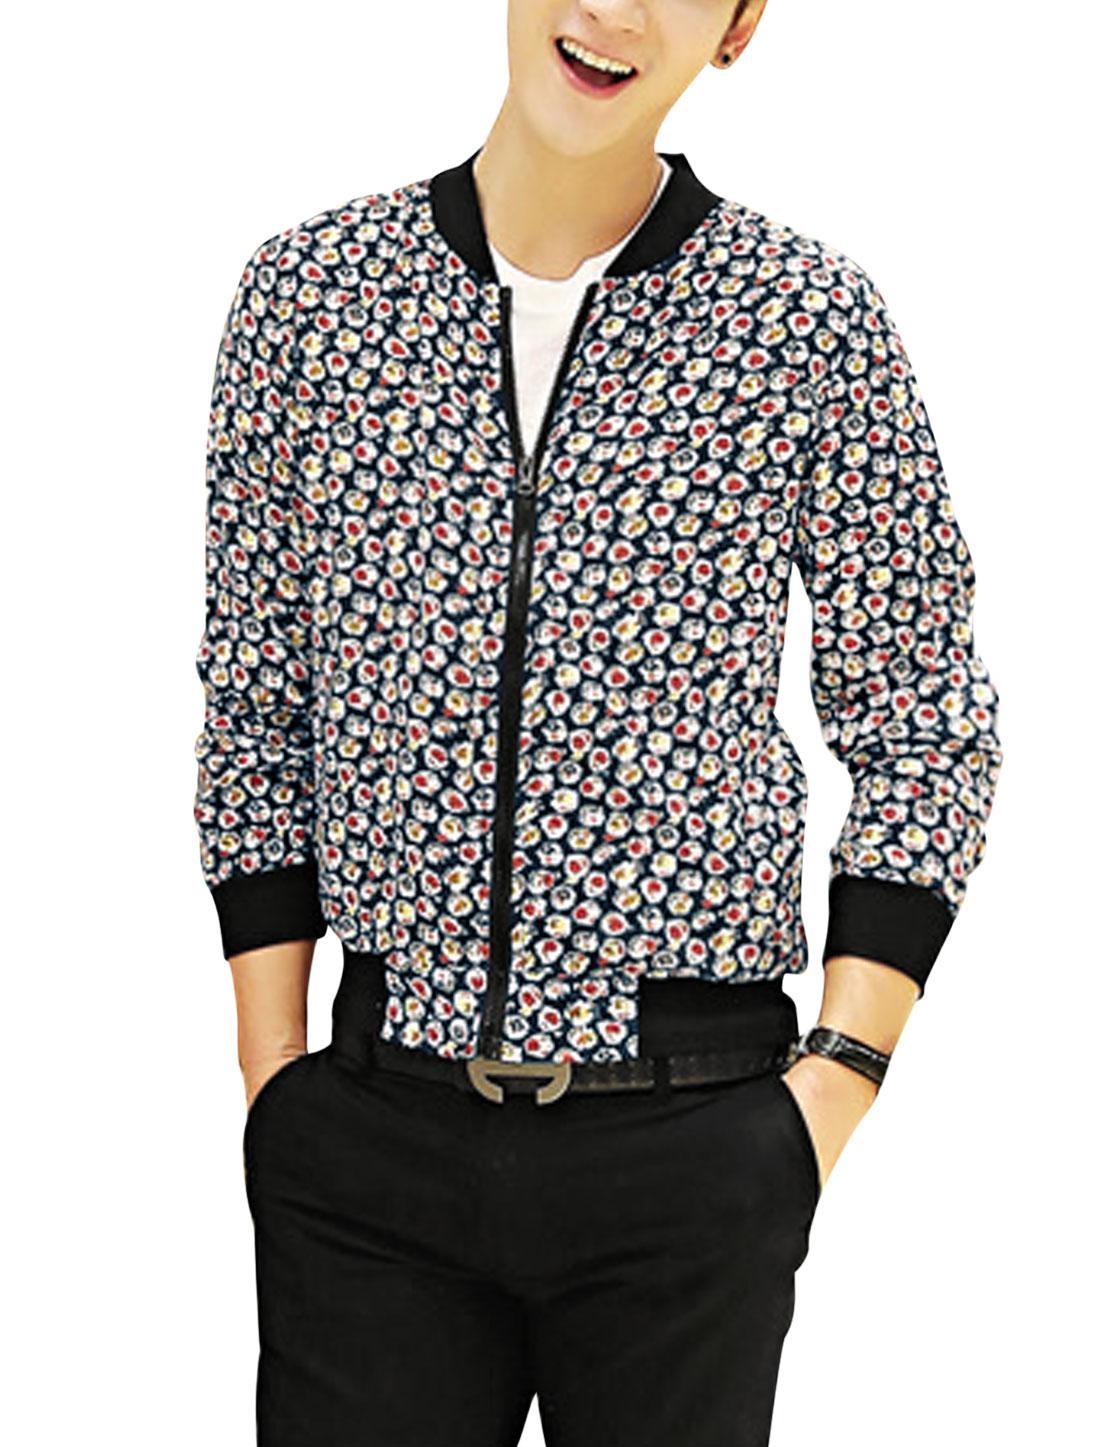 Men Slant Pockets Allover Floral Print Zipper Front Fashion Light Jacket Navy Blue Pale Red S